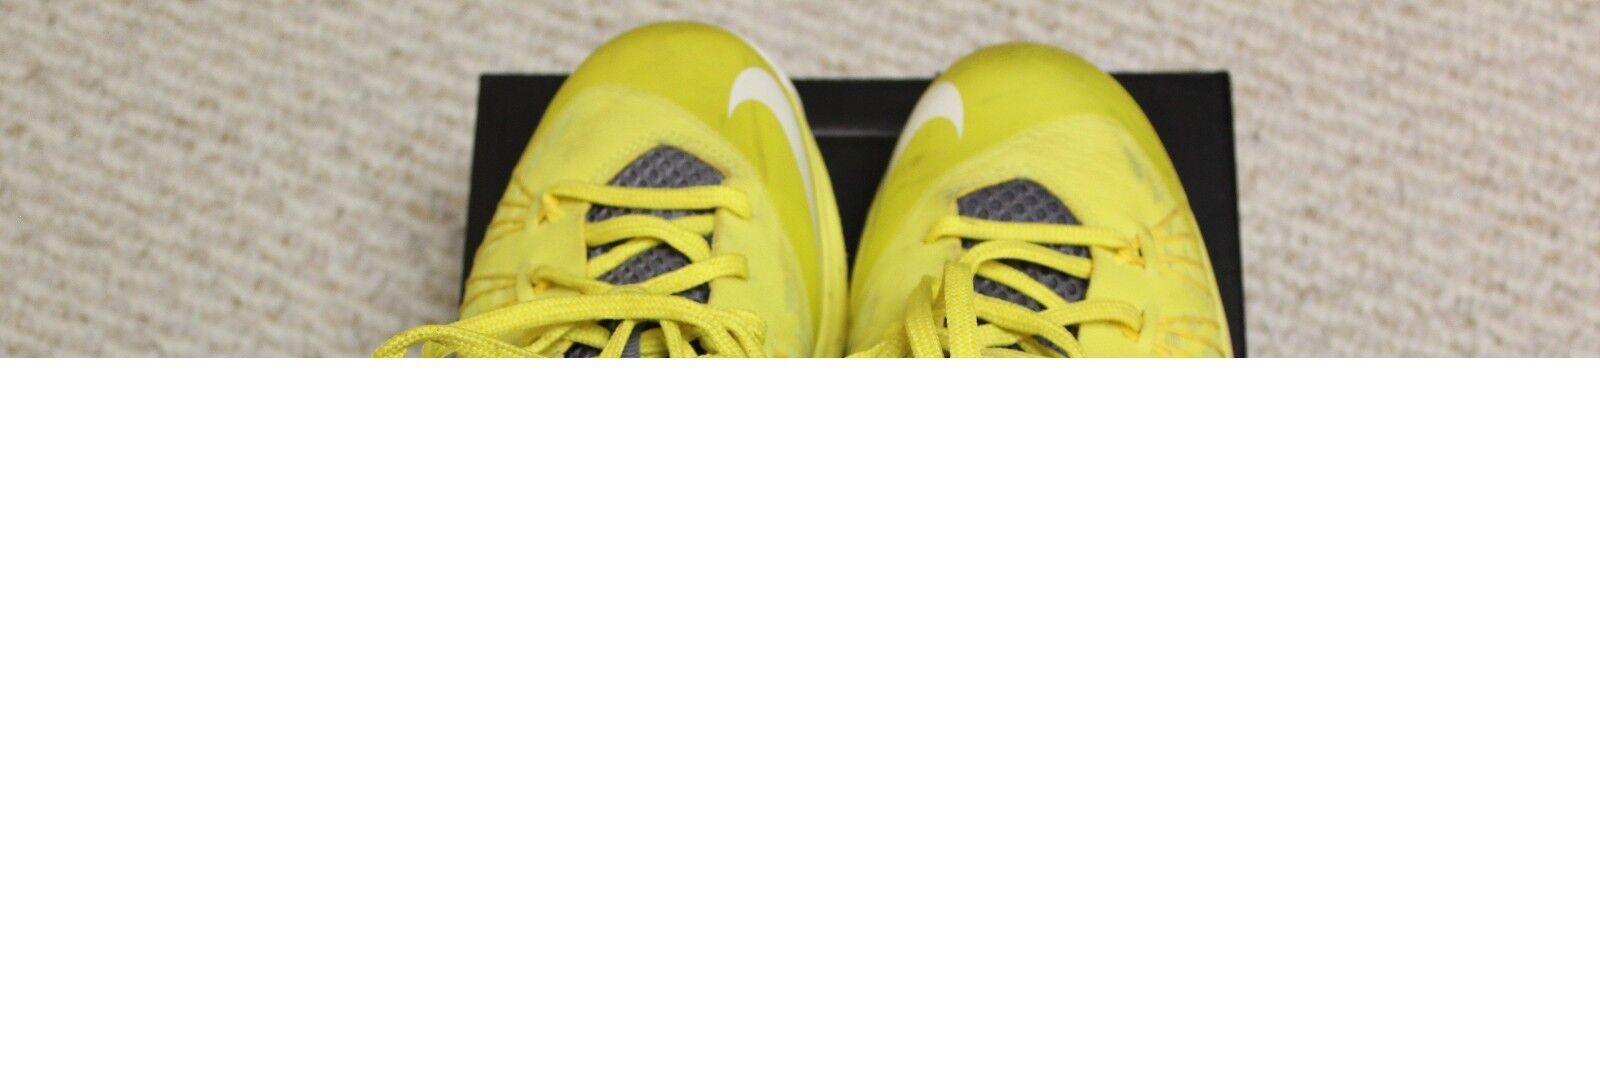 Nike Lebron 10 Air Max Low size 8.5 Mens US